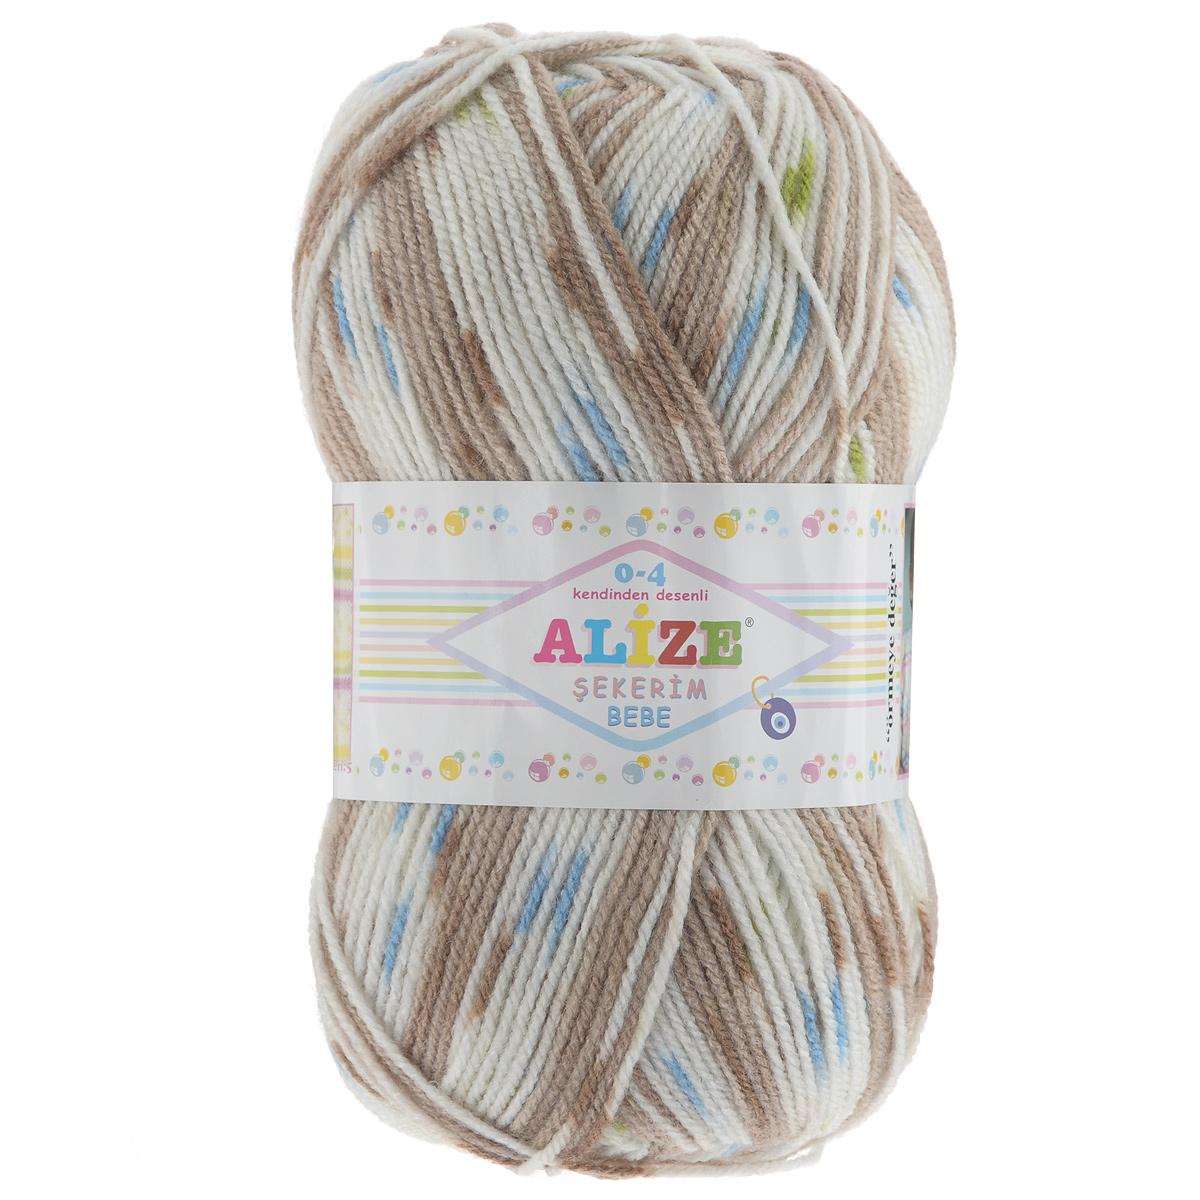 Пряжа для вязания Alize Sekerim Bebe, цвет: темно-коричневый, голубой, зеленый (109), 350 м, 100 г, 5 шт 1gb